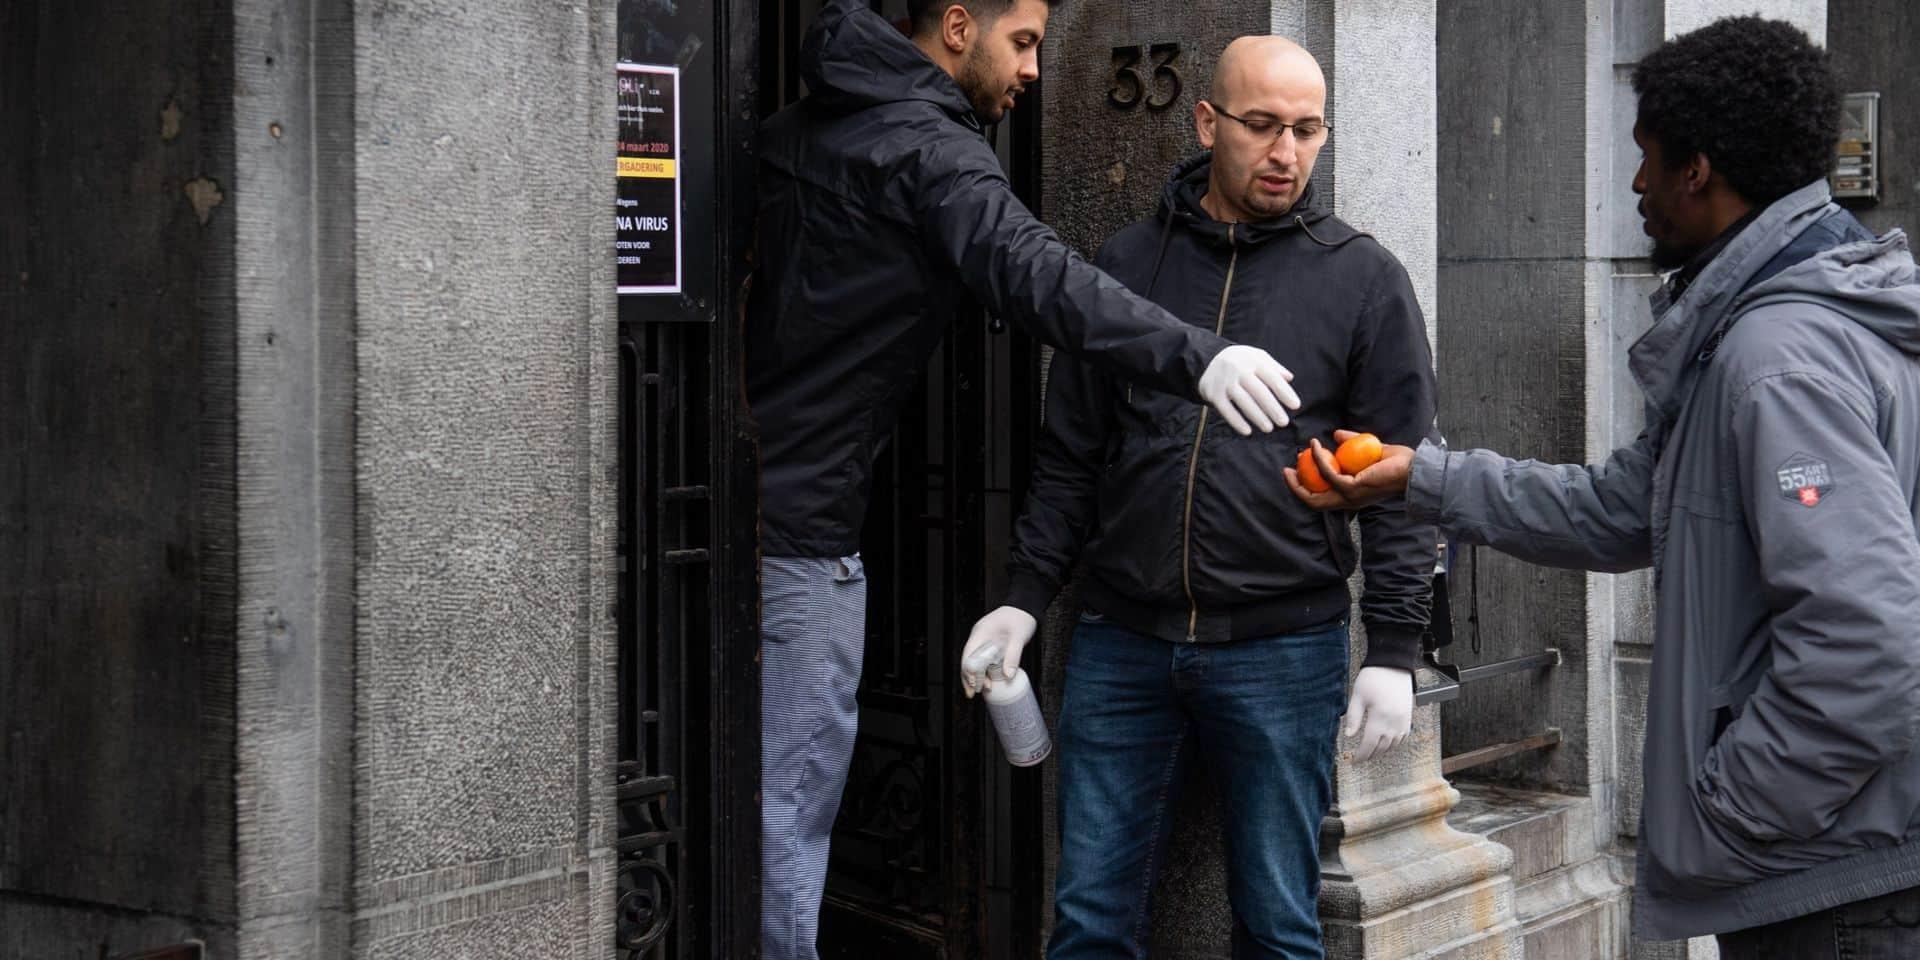 Le restaurant social du Parvis de Saint-Gilles distribue des lunch-packets aux sans-abri, le 16 mars 2020.